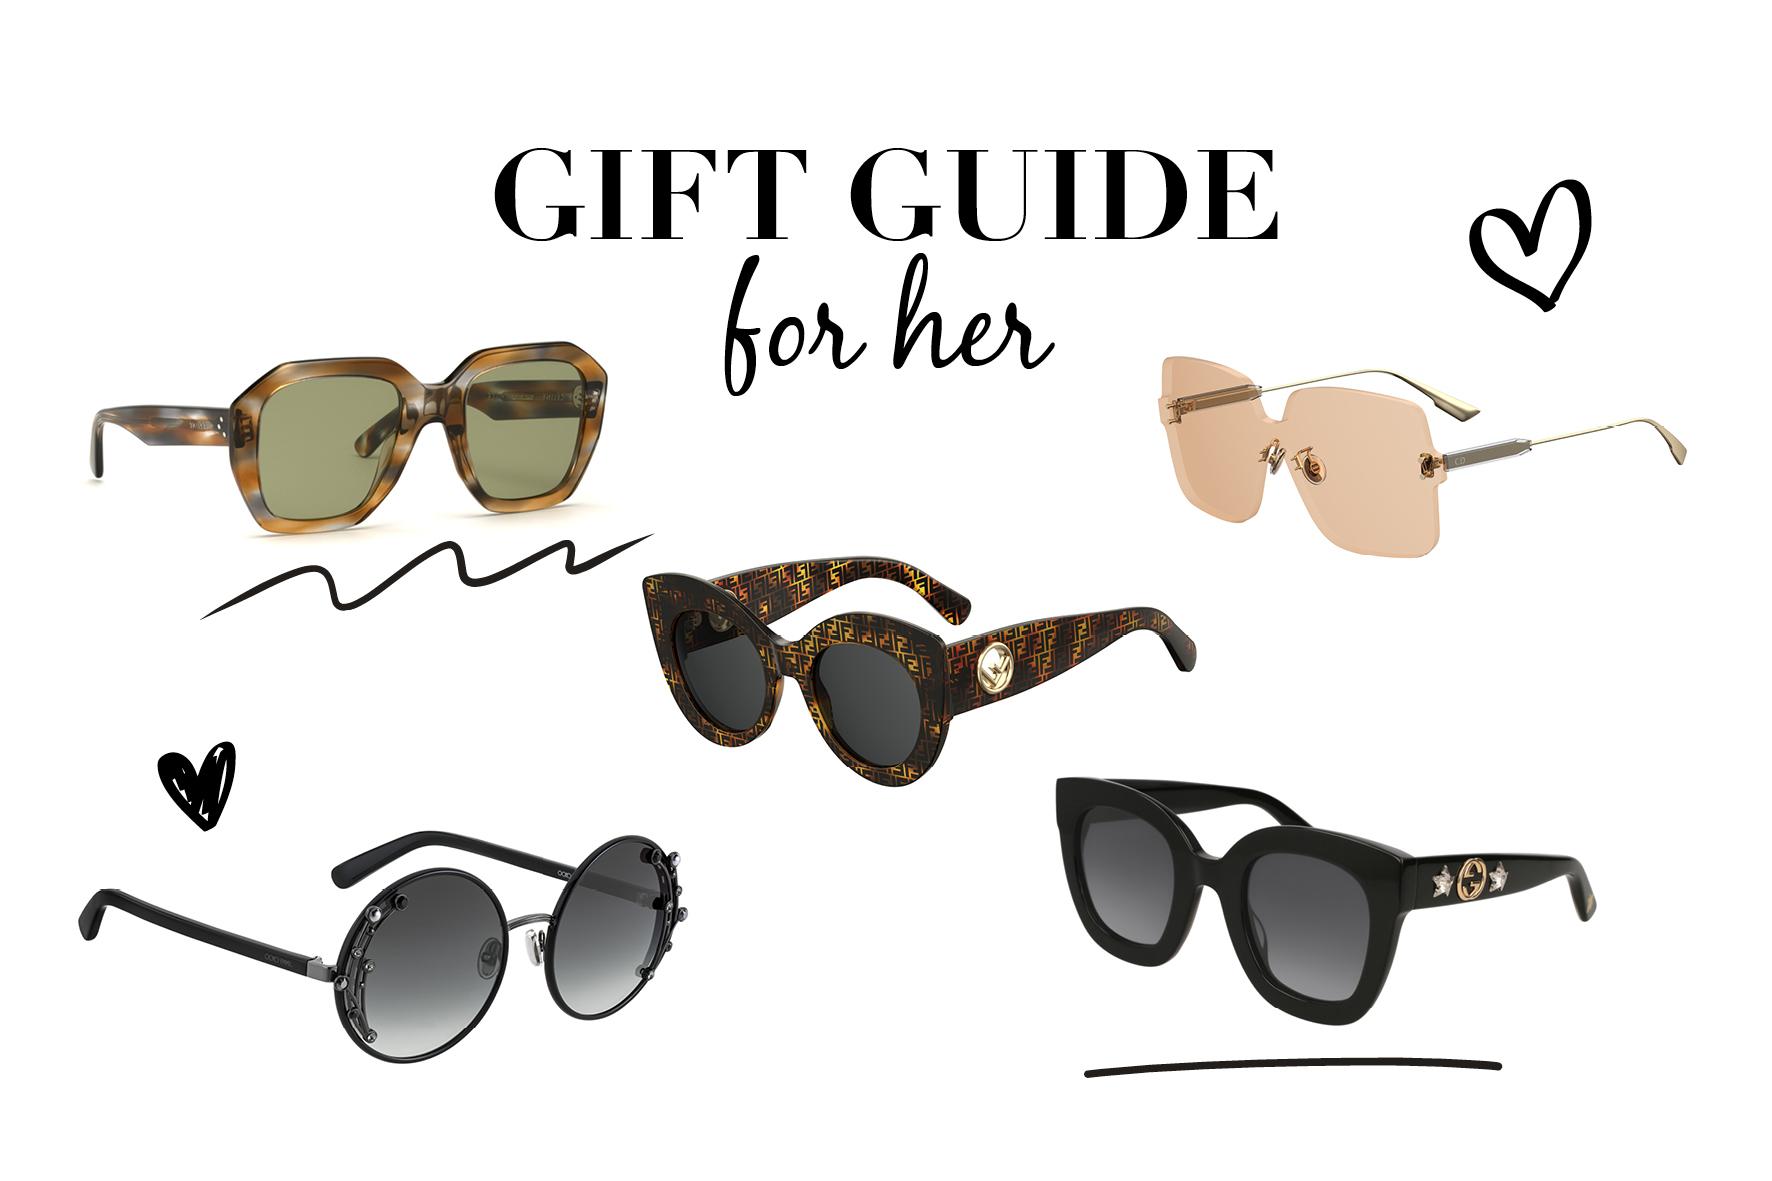 Black Friday gift guide: luxe zonnebrillen voor haar - Optiek Lammerant